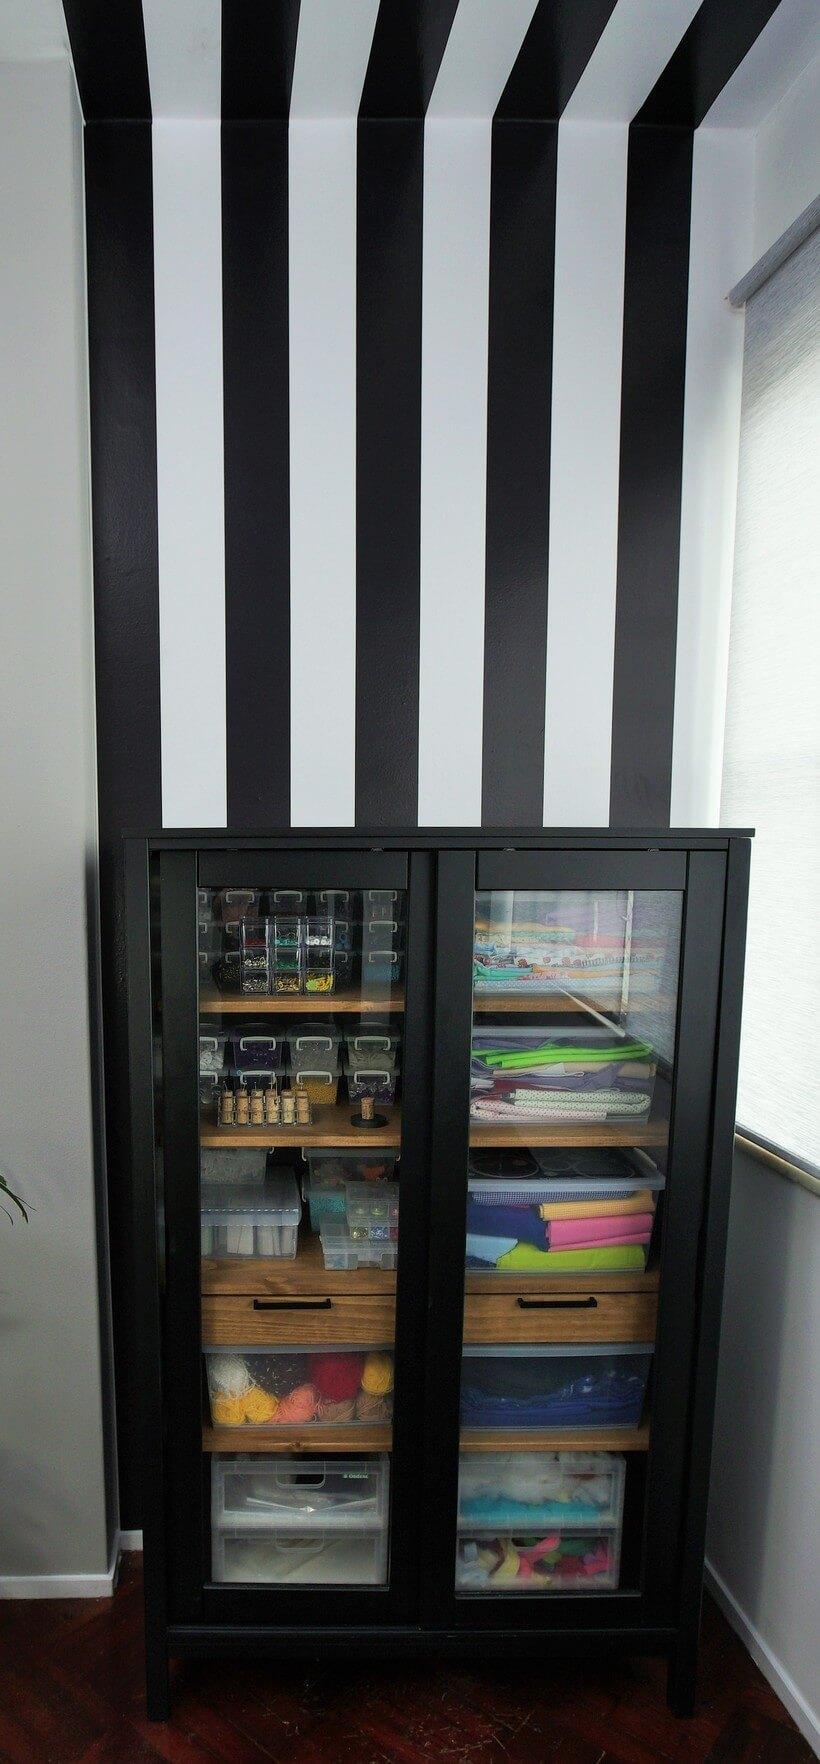 cristaleira como armario para organizar atelier de costura